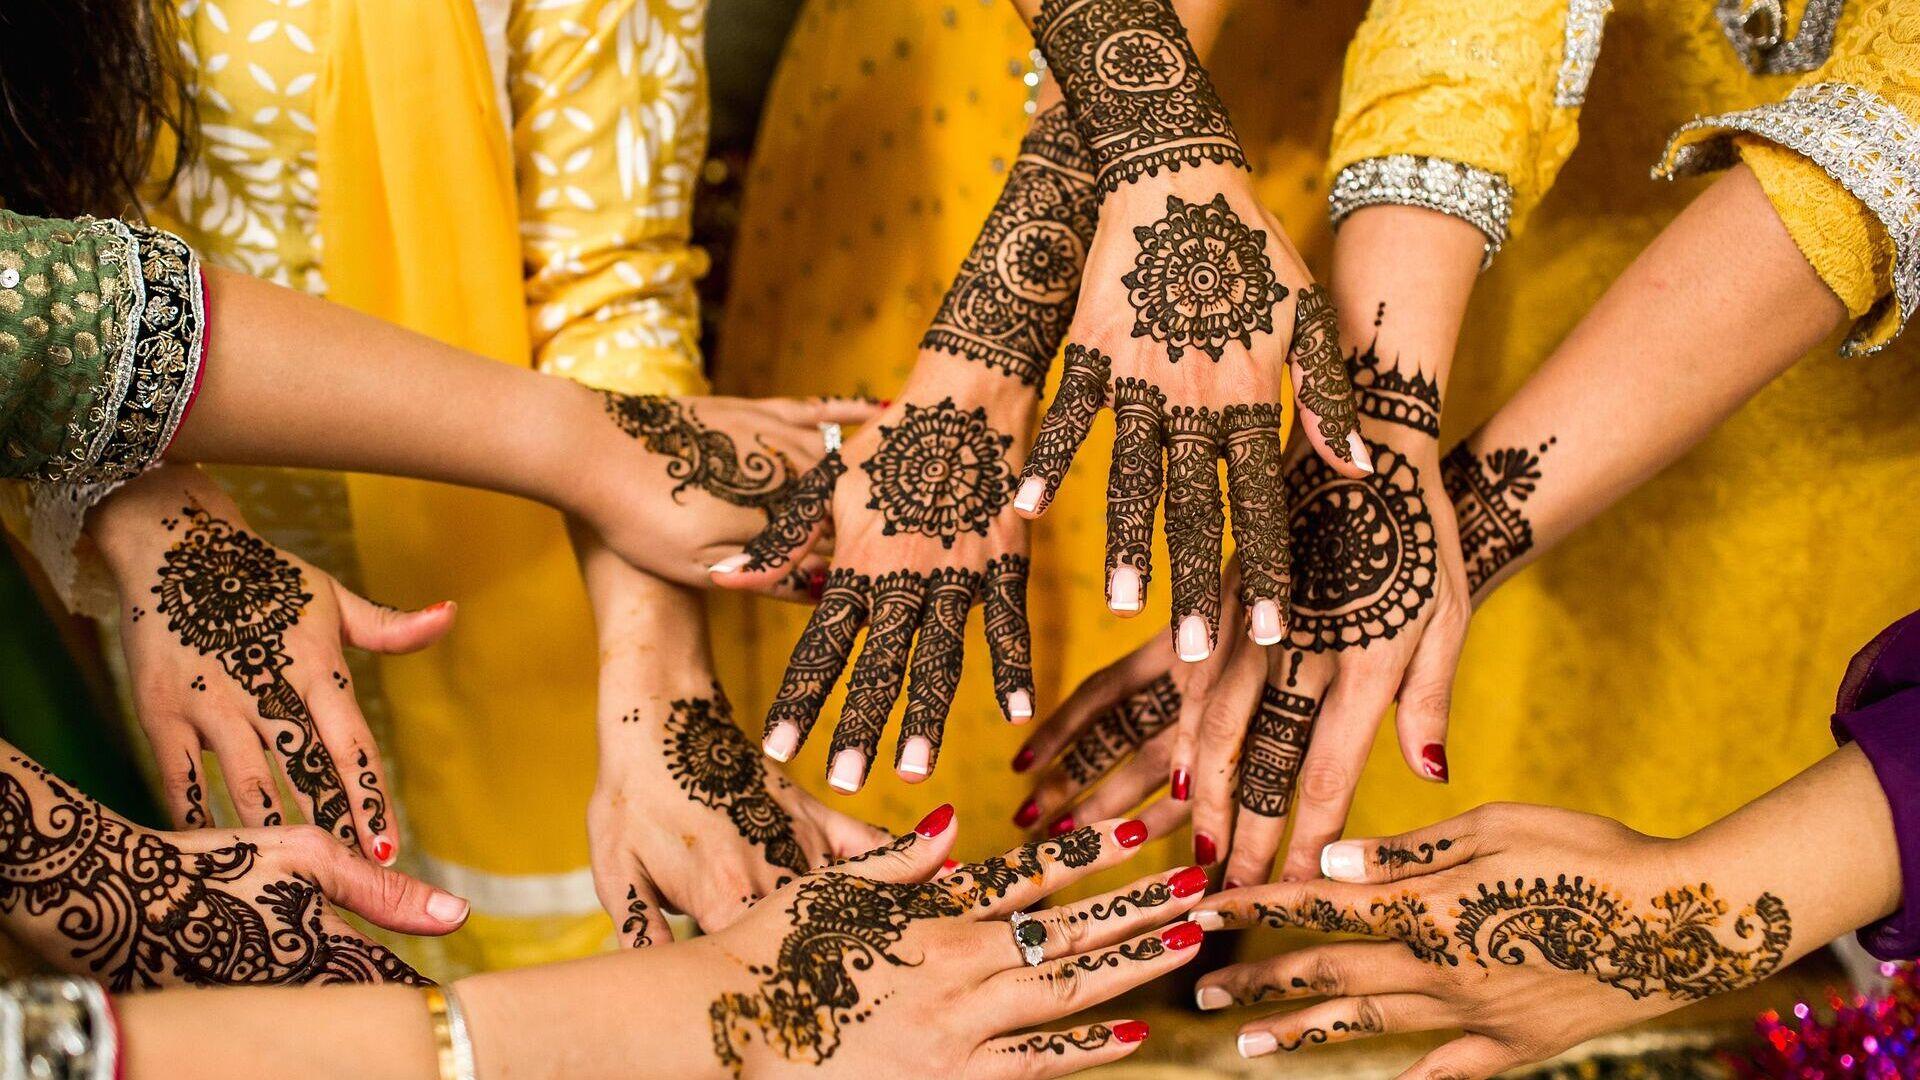 Imagen referencial de manos con henna - Sputnik Mundo, 1920, 02.06.2021